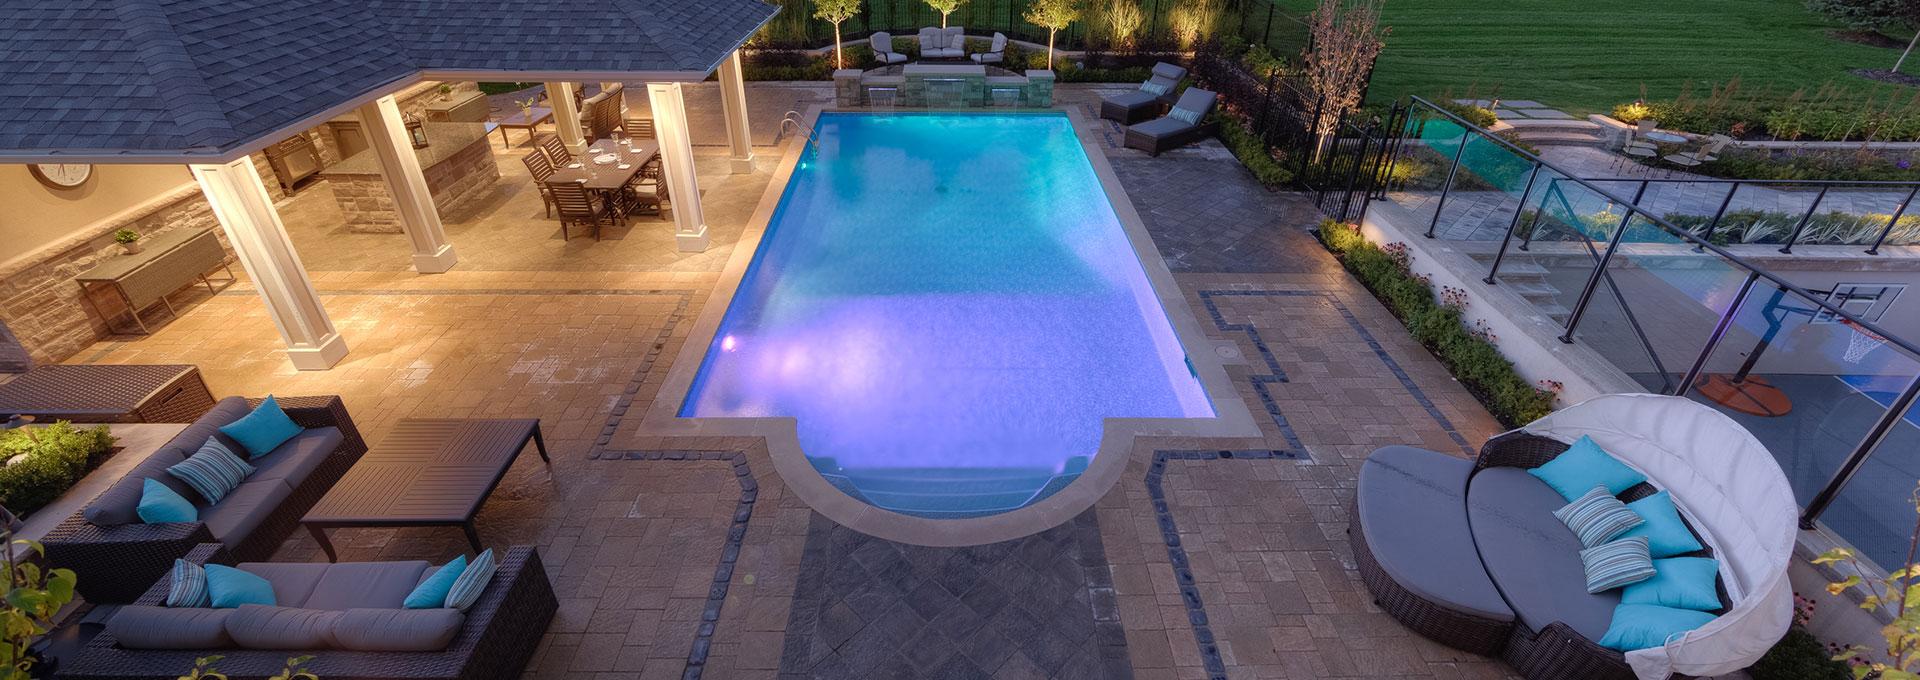 piscine patio béton sherbrooke estrie